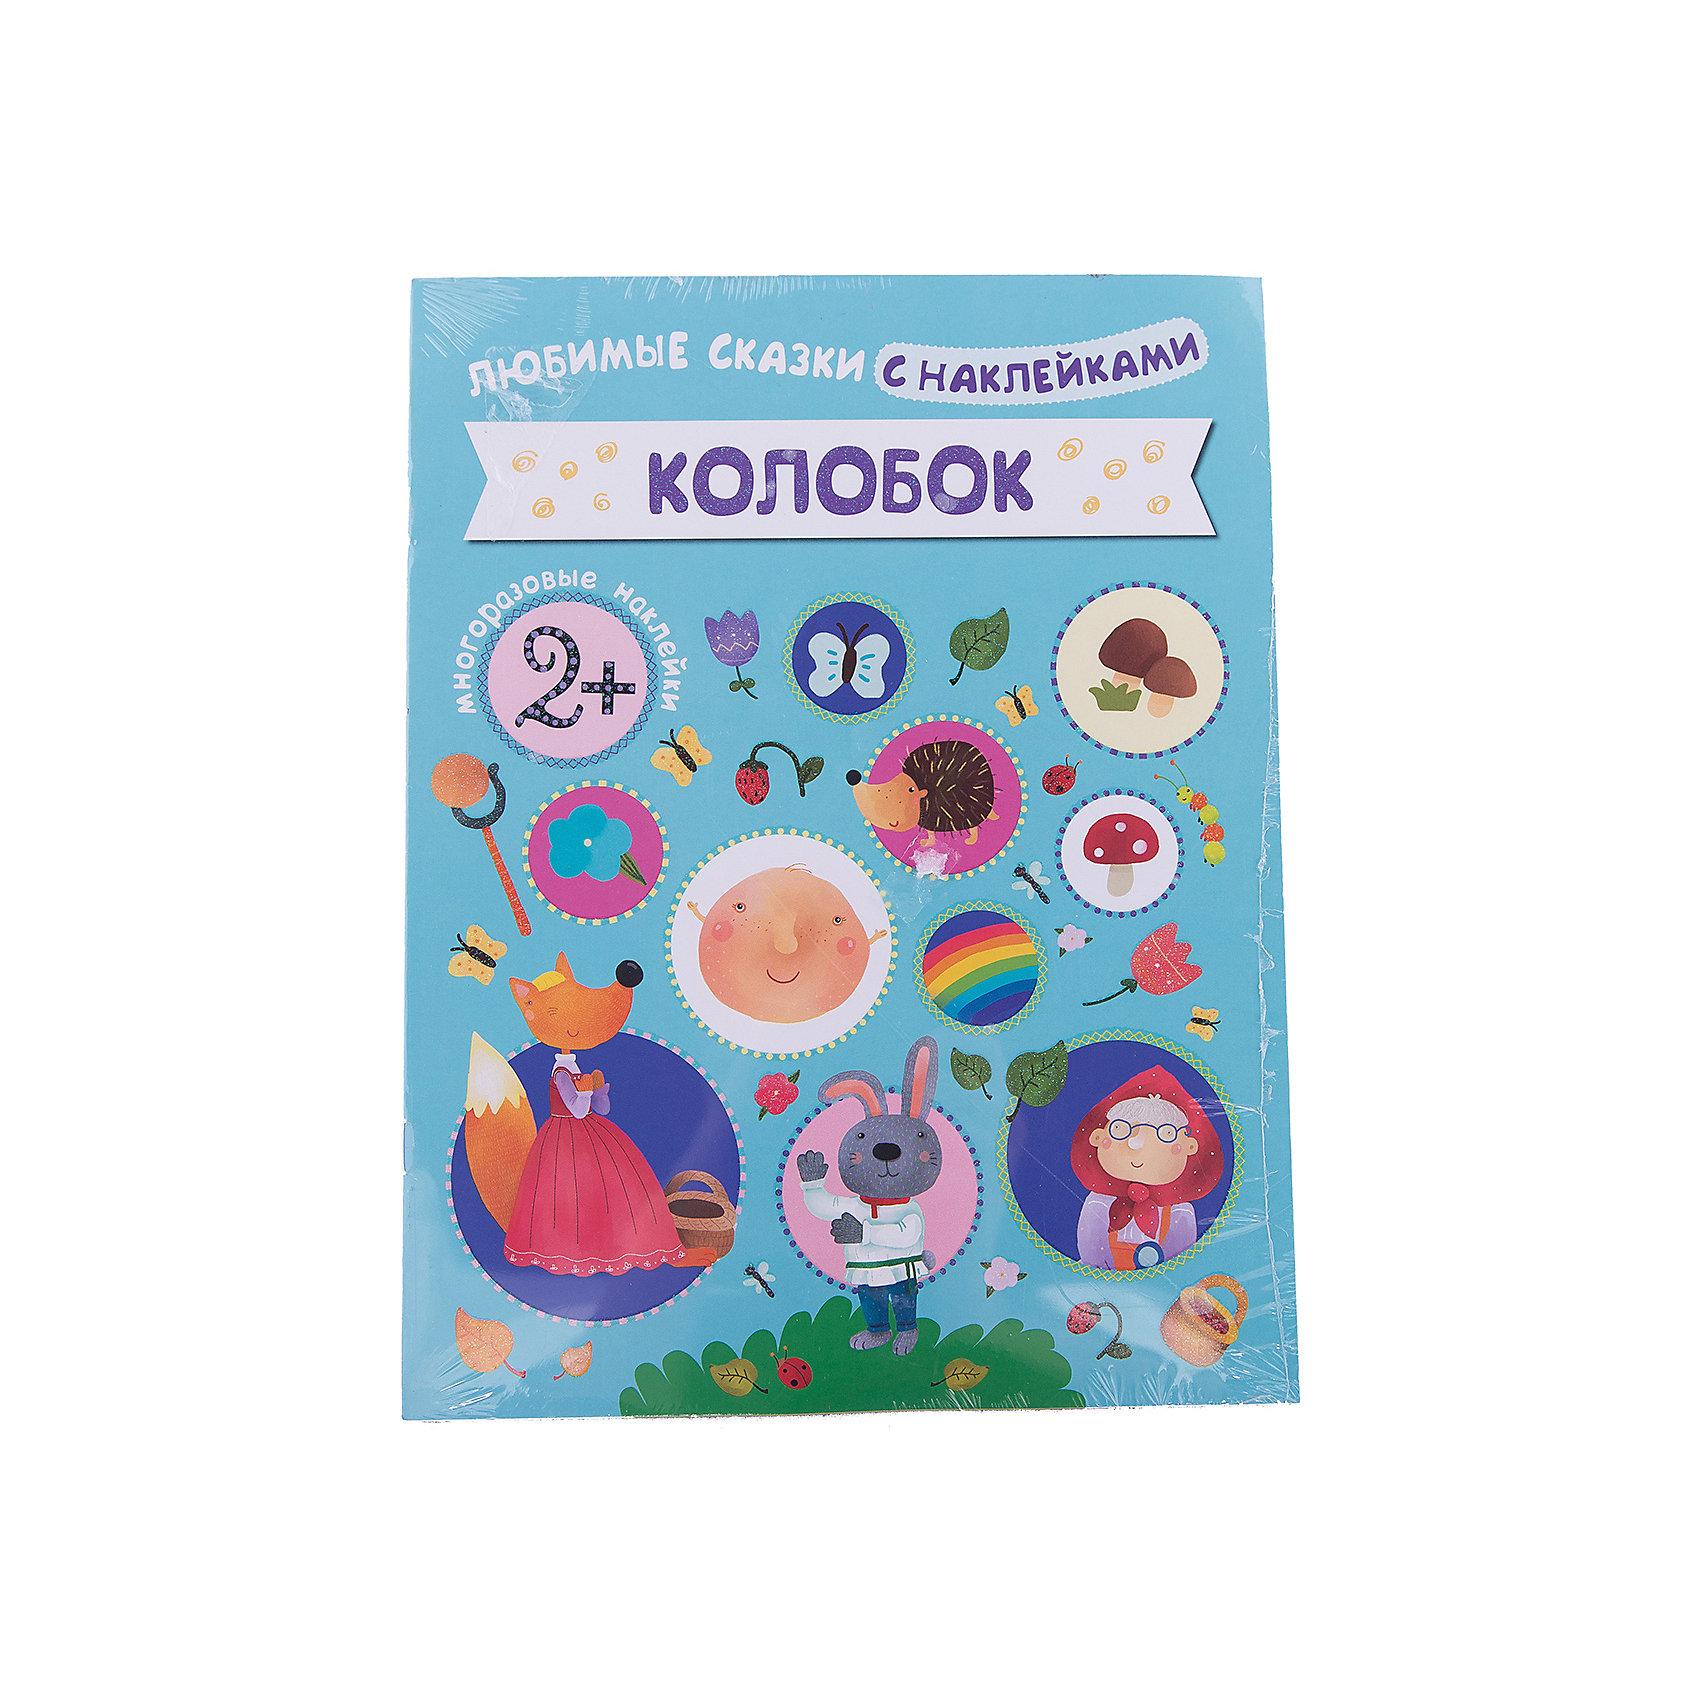 Колобок, Любимые сказки с наклейкамиМозаика-Синтез<br>Характеристики книги Колобок, любимые сказки с наклейками:<br><br>• возраст: от 2 лет<br>• пол: для мальчиков и девочек<br>• ISBN 978-5-43150-602-4<br>• материал: бумага <br>• количество страниц: 8.<br>• размер: 28x21.5 см.<br>• масса: 80 гр.<br>• тип обложки: мягкая.<br>• иллюстрации: цветные.<br>• бренд: Мозаика-Синтез<br>• страна обладатель бренда: Россия.<br>• страна изготовитель: Россия<br><br>Одна из первых сказок, которую обычно узнают дети, это, история про легкомысленного Колобка. А теперь можно не только послушать историю, но и поучаствовать в ней, наклеивая многоразовые наклейки на специально отведенные для этого места в книжке. Сказка отлично запоминается, поэтому после чтения можно попросить ребенка пересказать ее. Книжка оформлена красочными иллюстрациями, а каждая наклейка изображает сюжетные ситуации. Чтобы правильно поместить наклейки, ребенок должен воспринимать повествование и запоминать последовательность событий. <br><br>Книгу Колобок издательства Мозаика-Синтез можно купить в нашем интернет-магазине.<br><br>Ширина мм: 1<br>Глубина мм: 215<br>Высота мм: 281<br>Вес г: 79<br>Возраст от месяцев: 24<br>Возраст до месяцев: 60<br>Пол: Унисекс<br>Возраст: Детский<br>SKU: 5362863